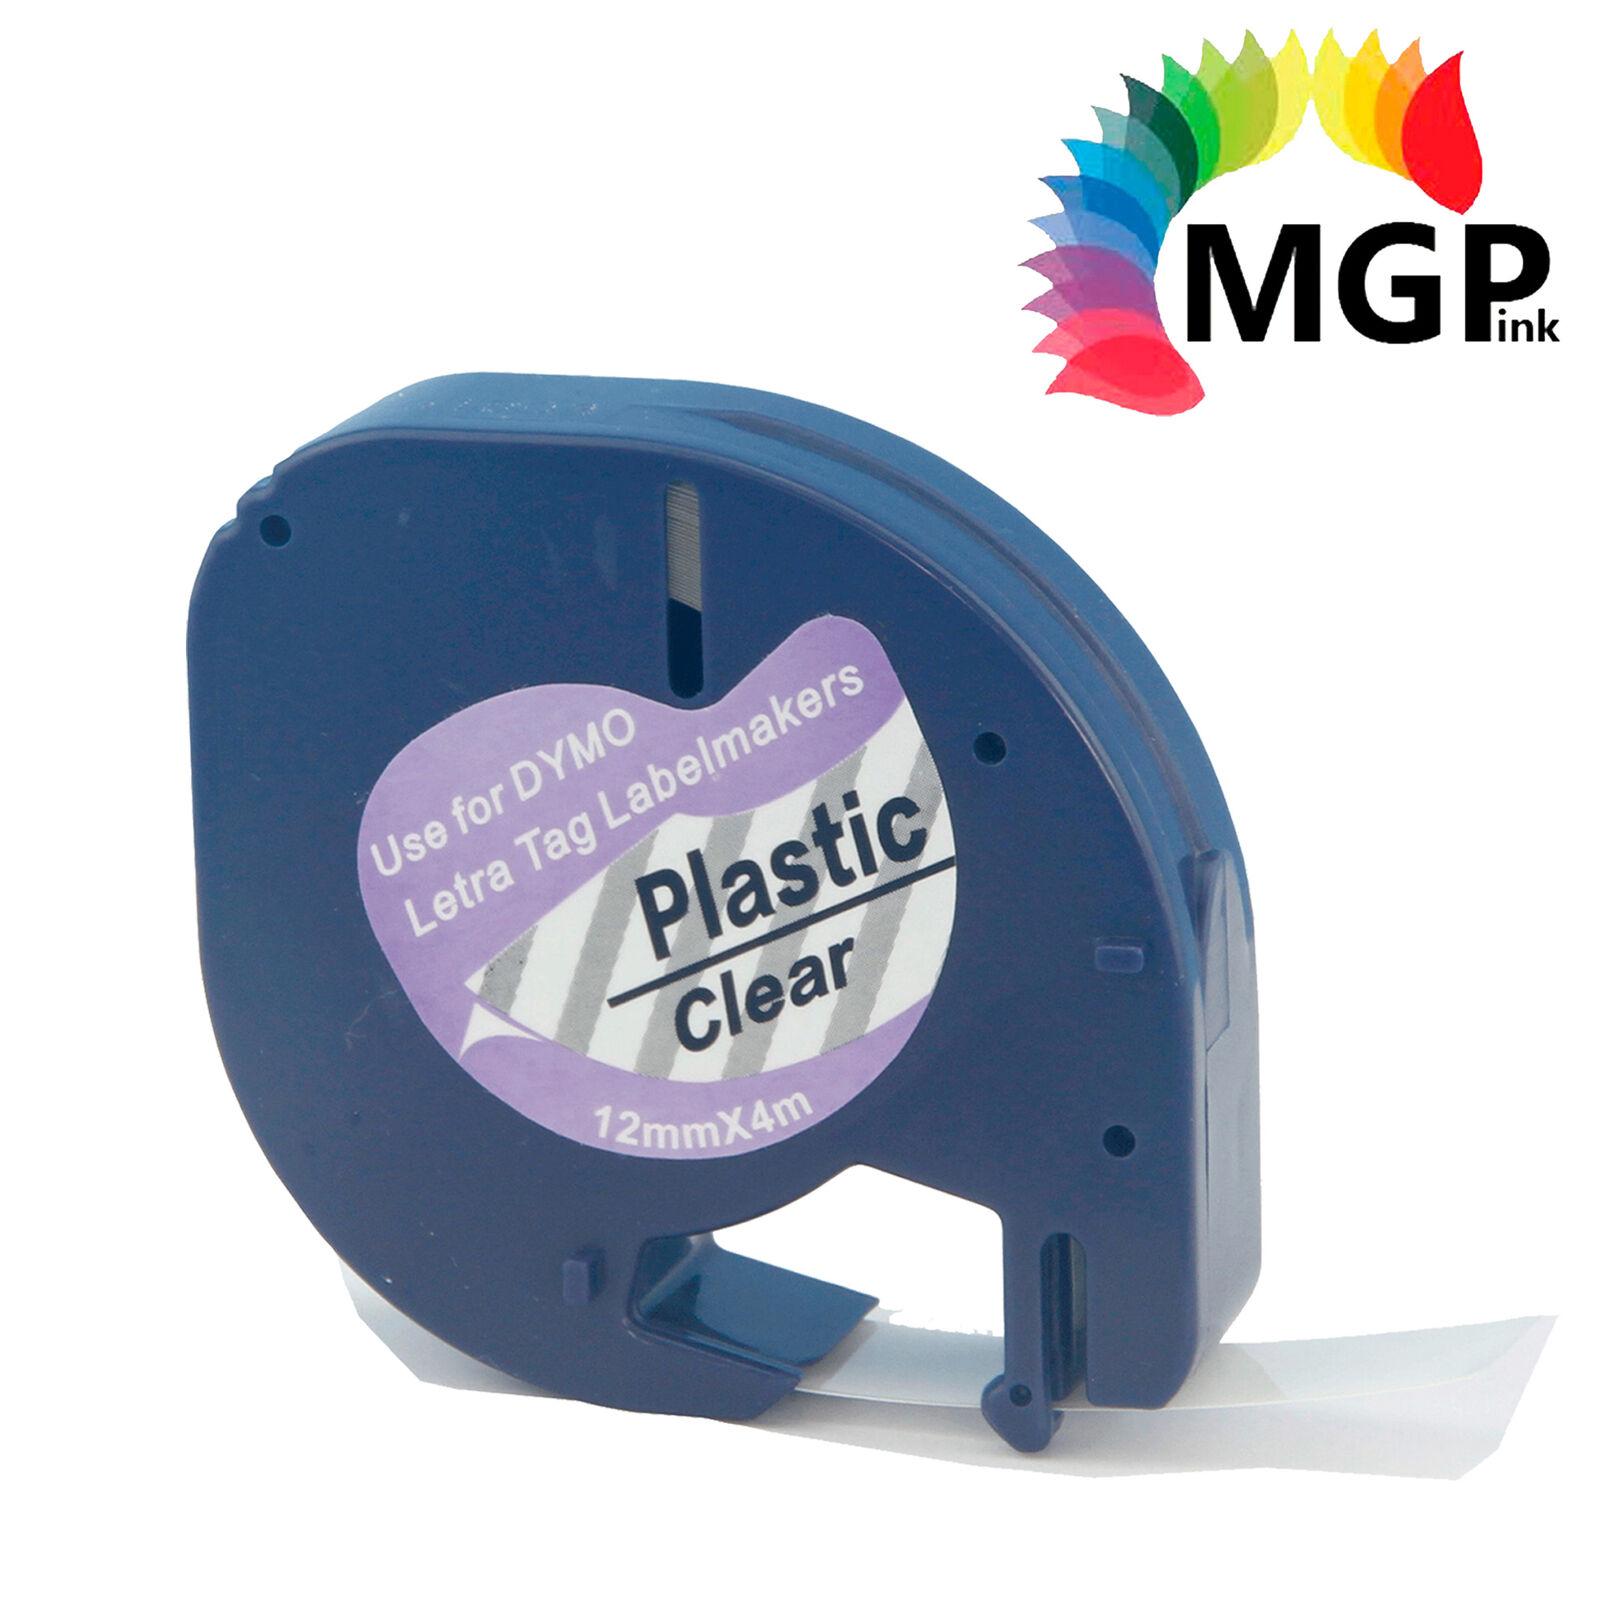 30X Compatible Dymo LetraTag Plastic Label Tape Cassette SD12267 12mmx 4m